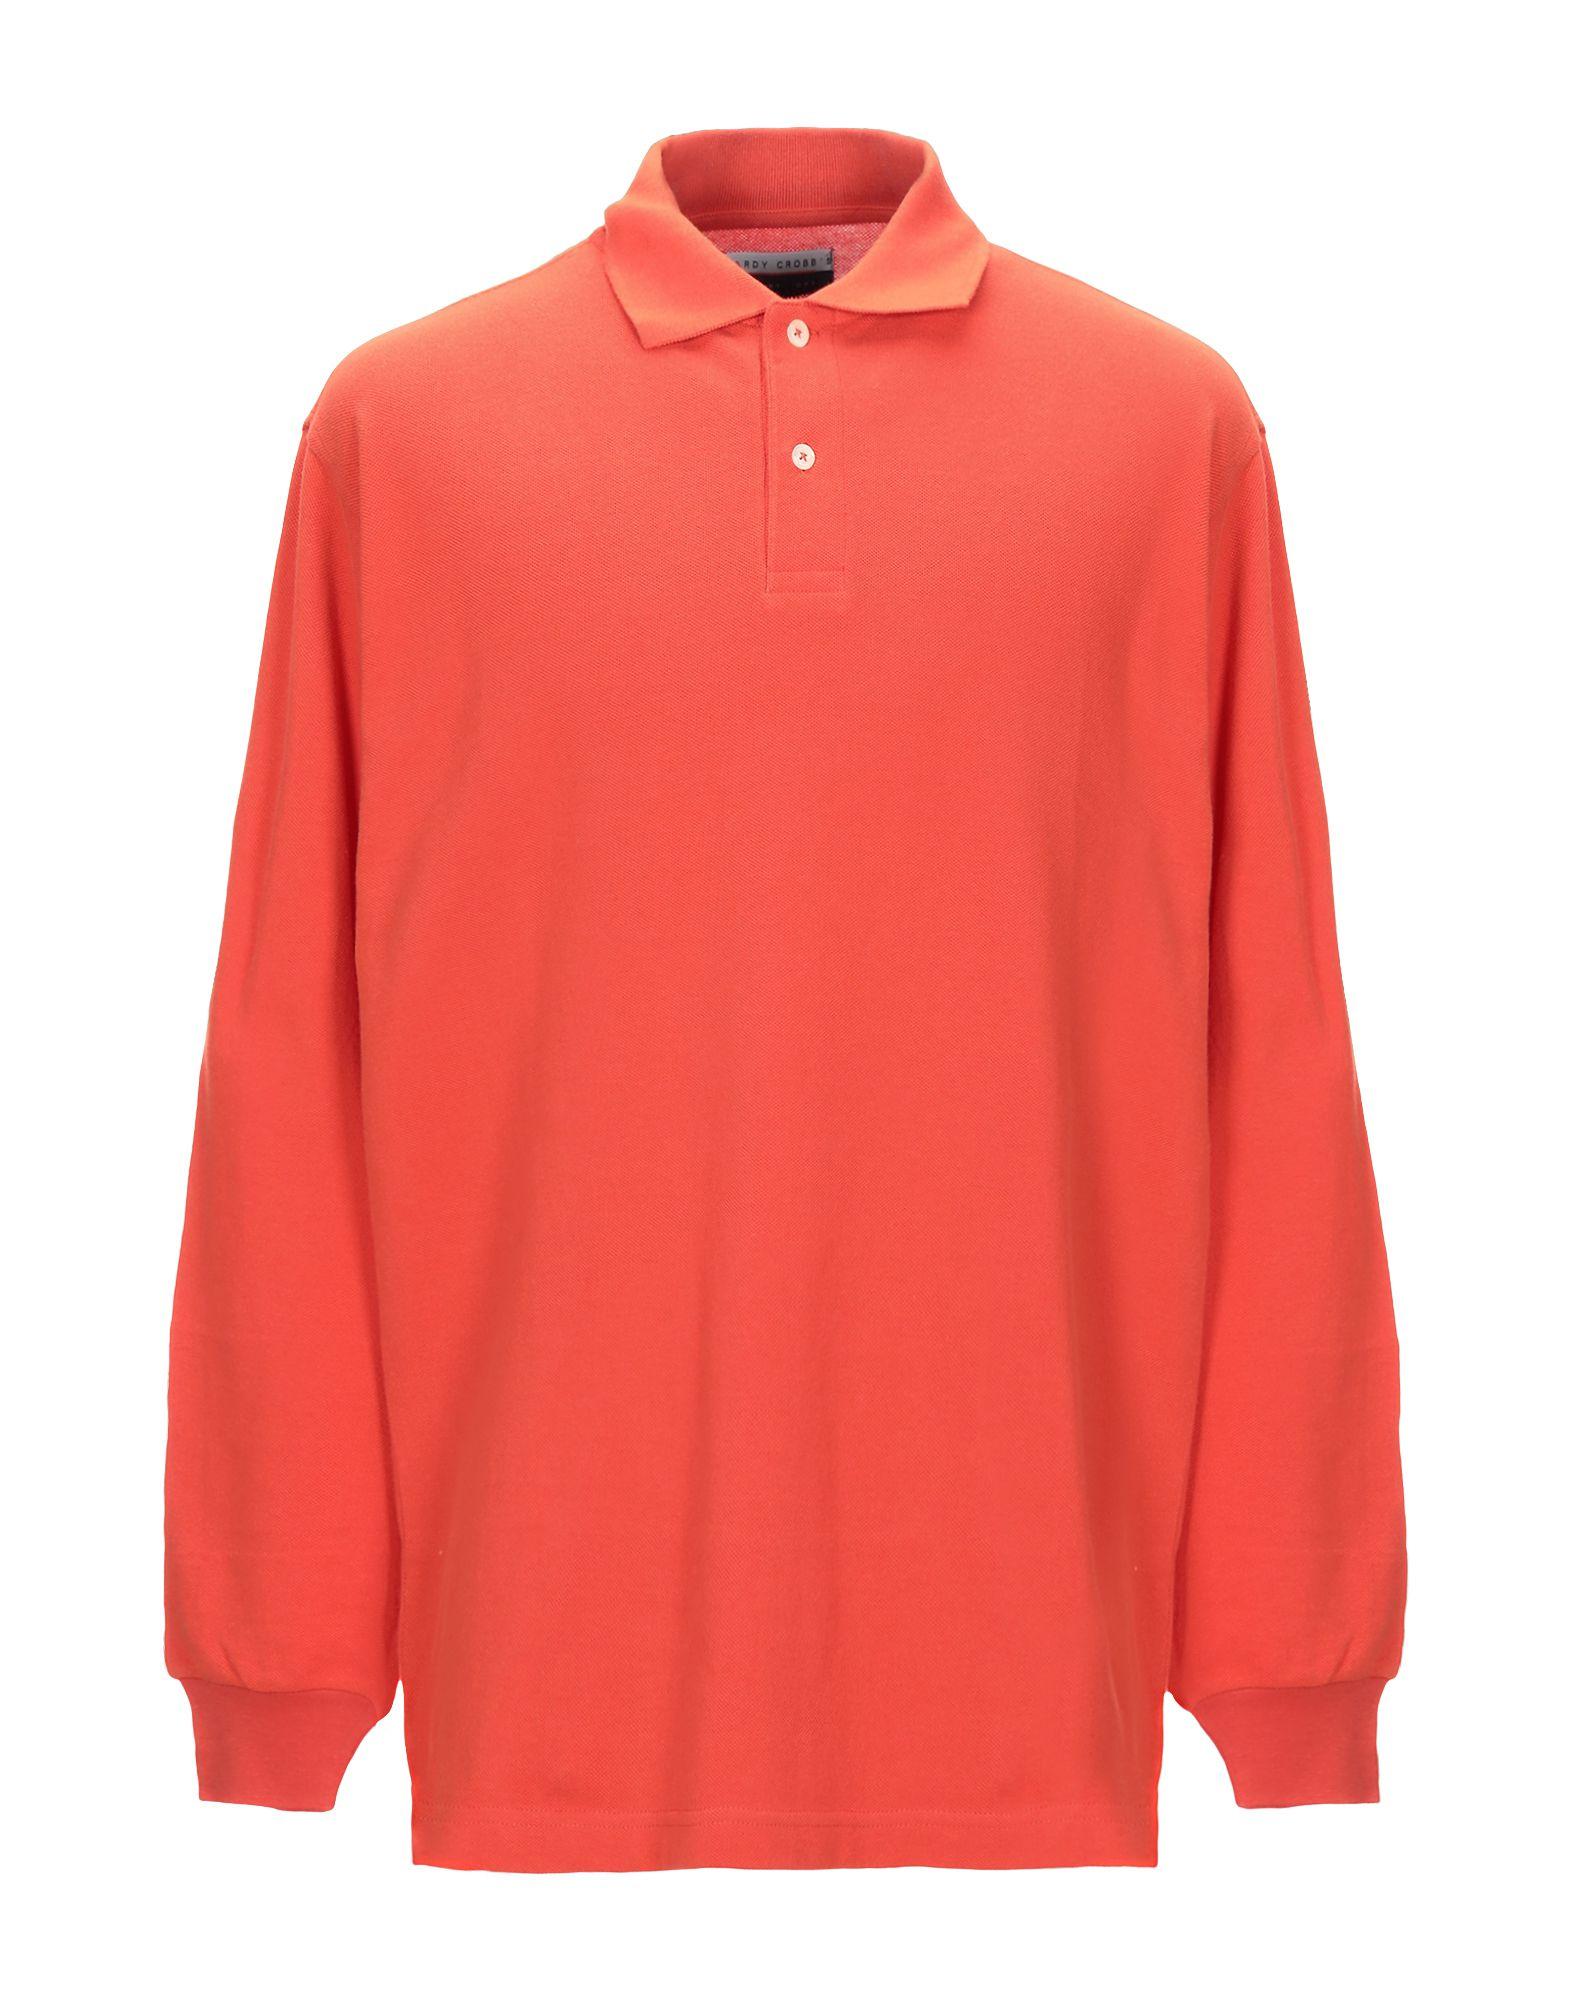 HARDY CROBB'S メンズ ポロシャツ 赤茶色 - ダークブラウン - ビタミングリーン - オレンジ - イエロー - スカイブルー - レッド